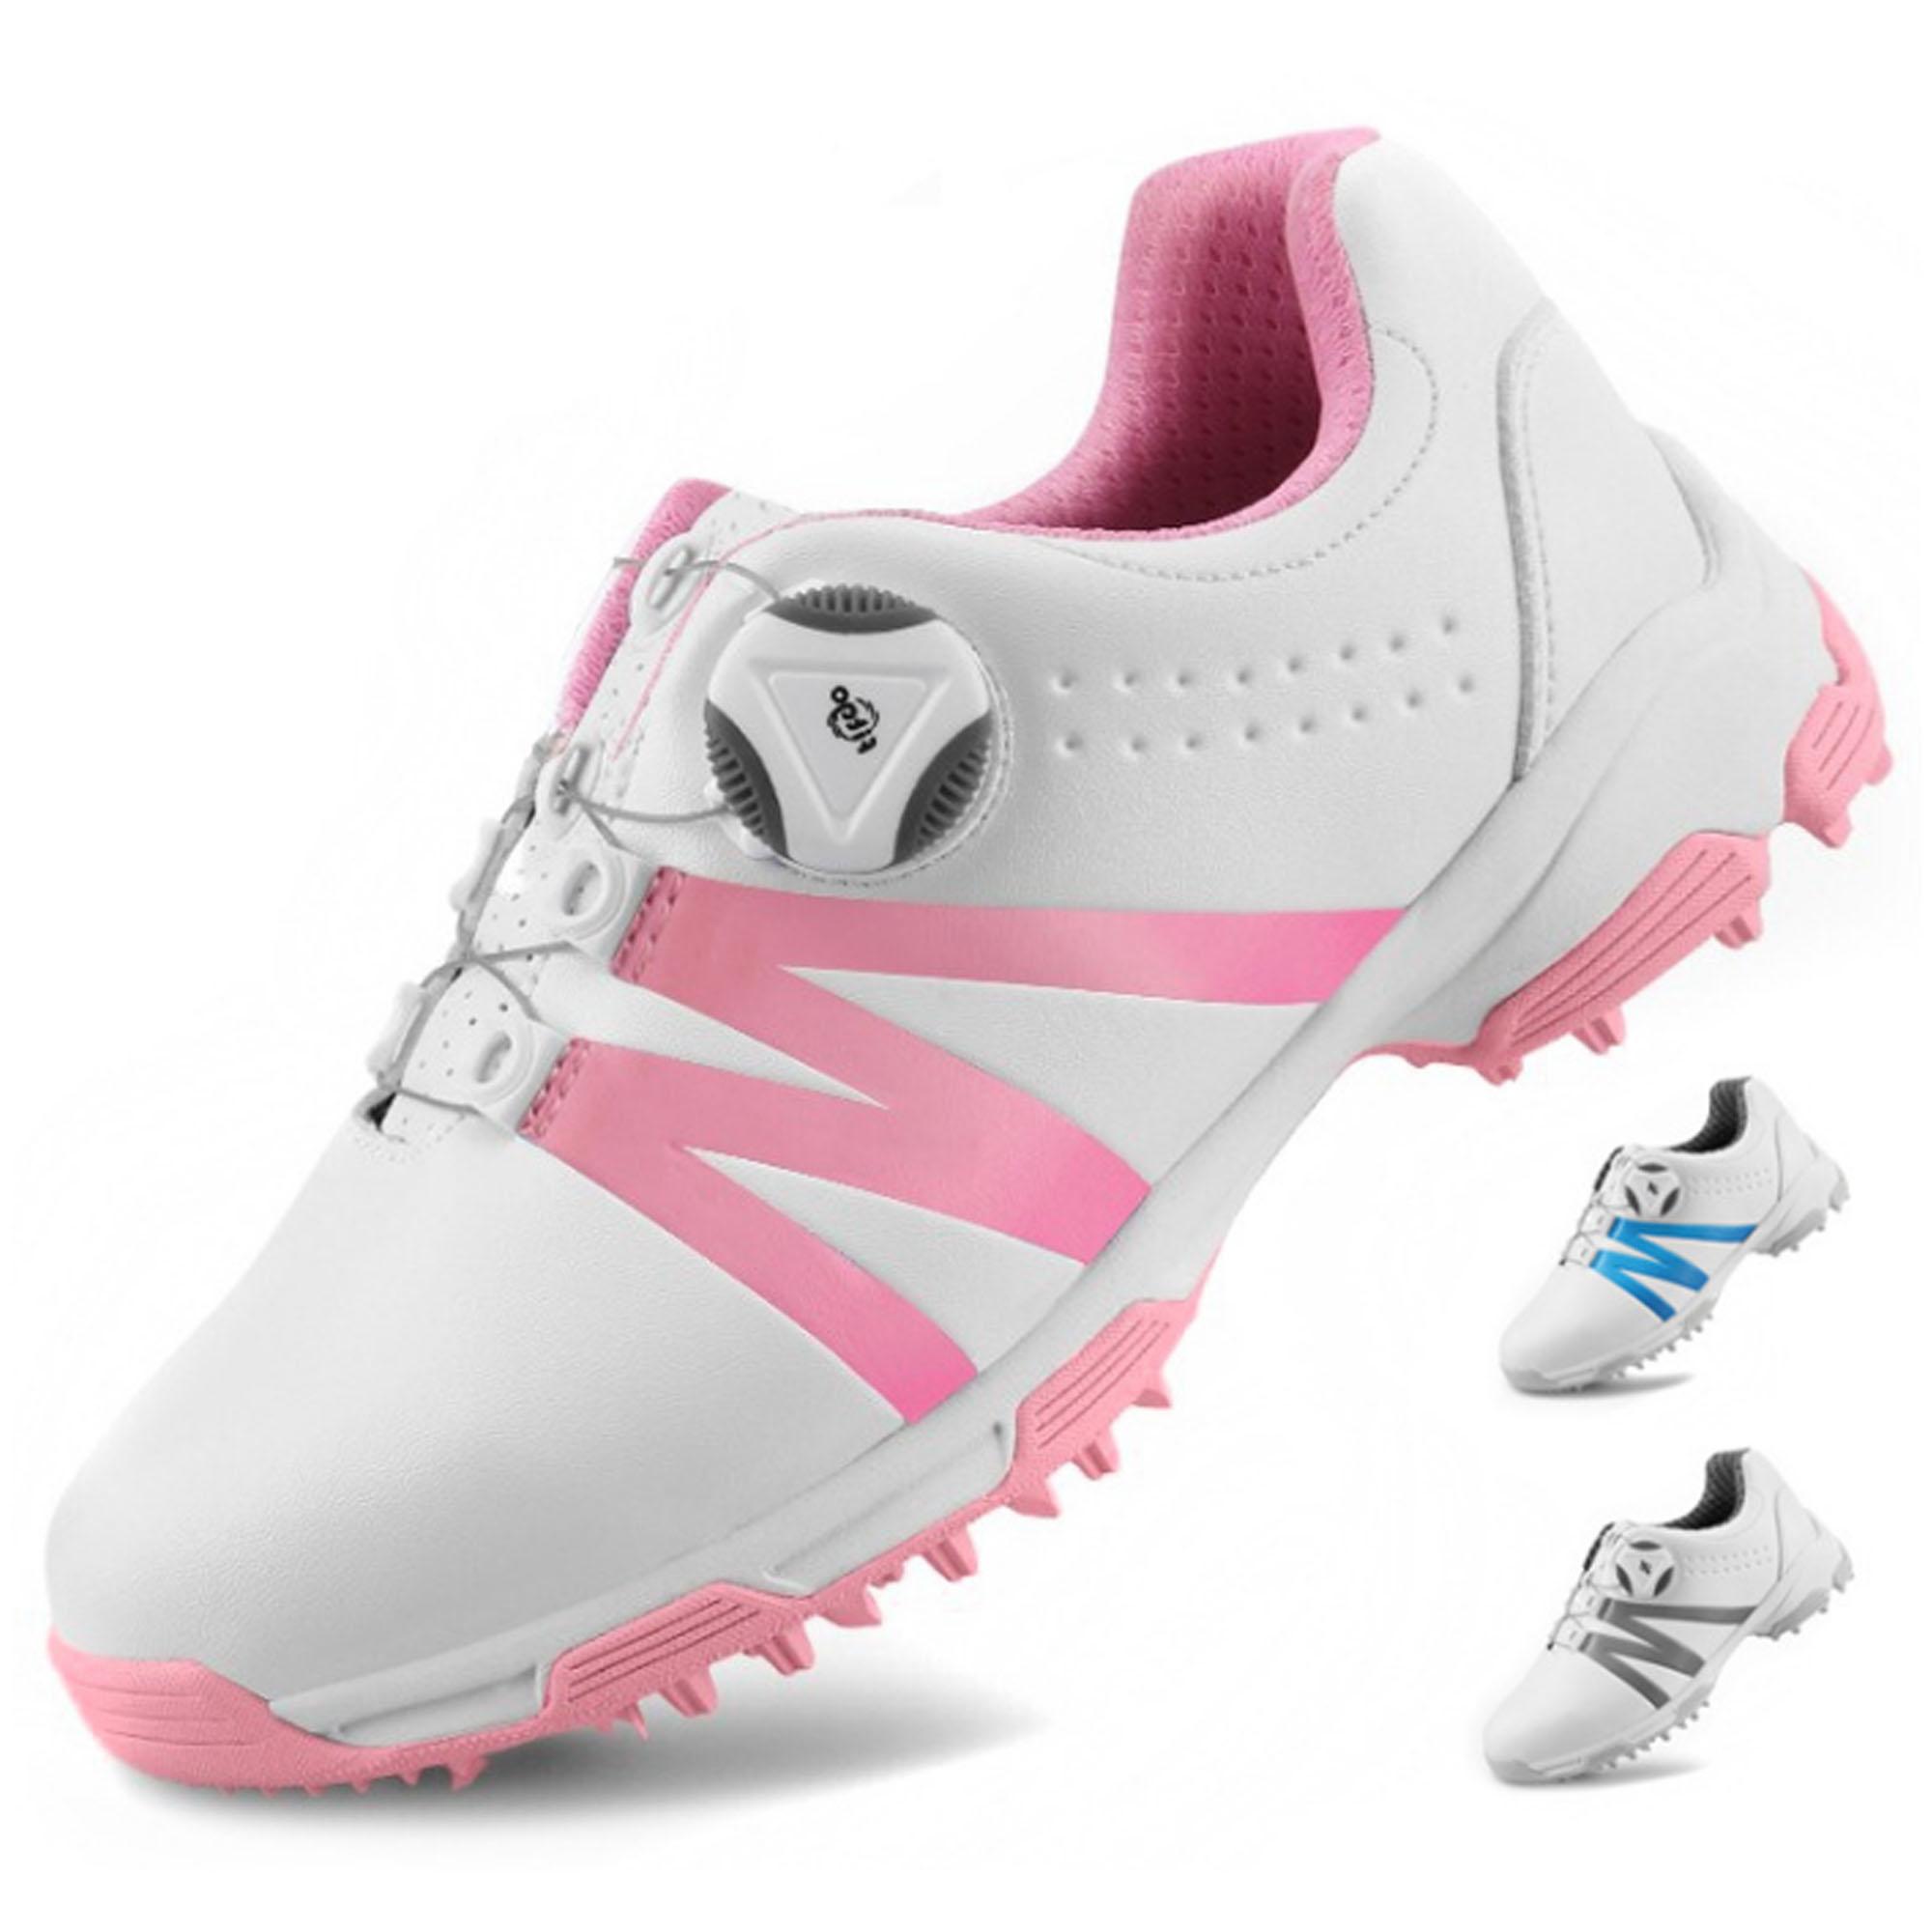 高爾夫女士球鞋 防水防滑運動鞋 鞋子百搭時尚球鞋  GSH128 白 藍 配POSMA鞋包 2合1清潔刷   高爾夫球毛巾